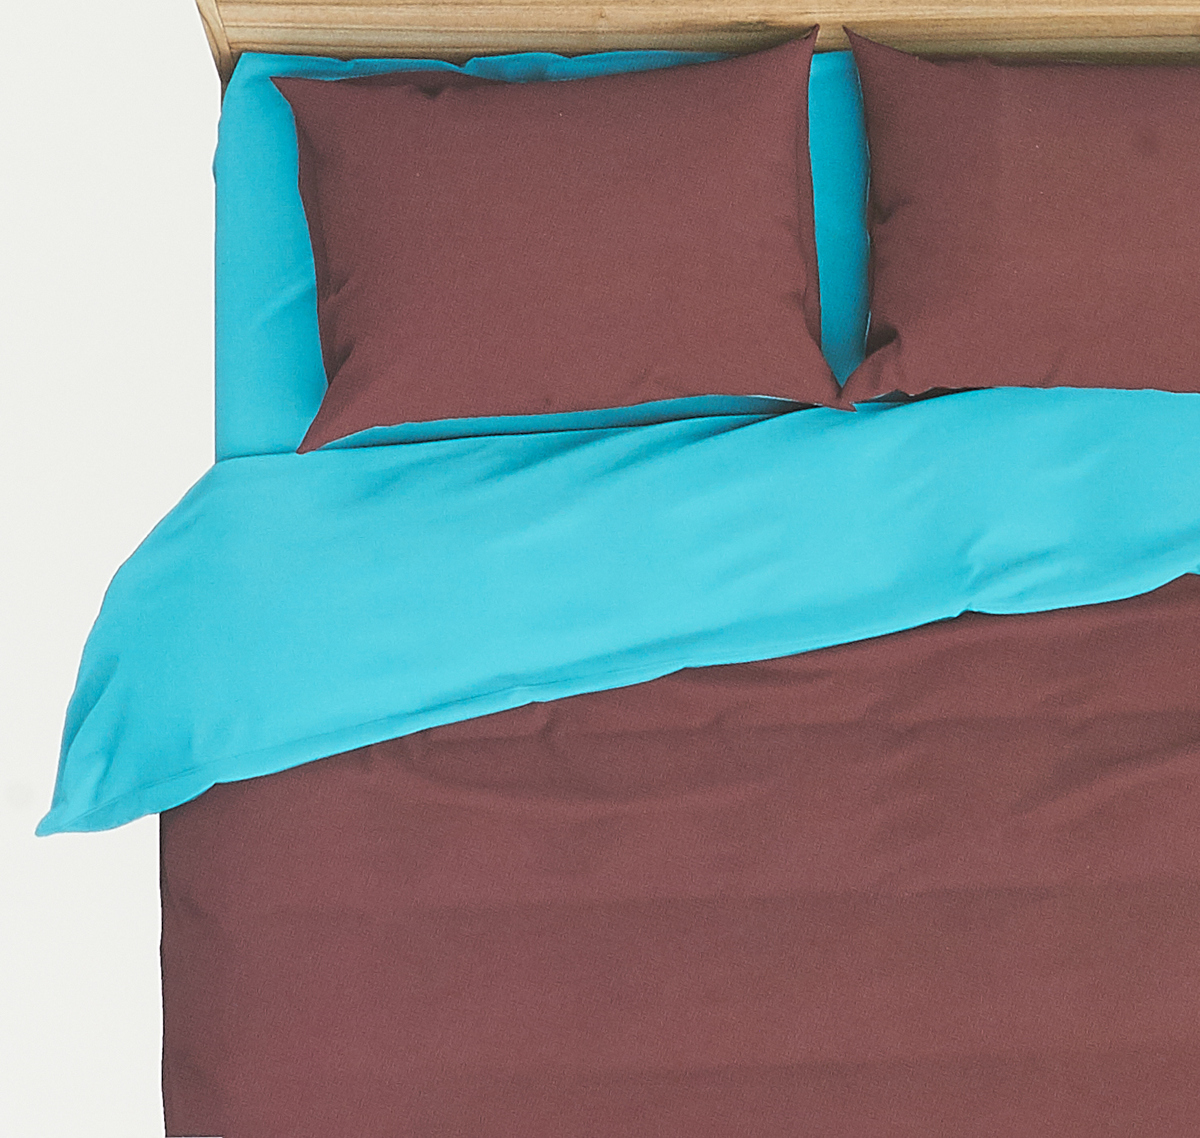 Комплект белья Василиса Шоколадный бисквит, 2-спальный, наволочки 70x70, цвет: бронзовый. 366 комплект белья василиса тауэрский мост 2 спальный наволочки 70х70